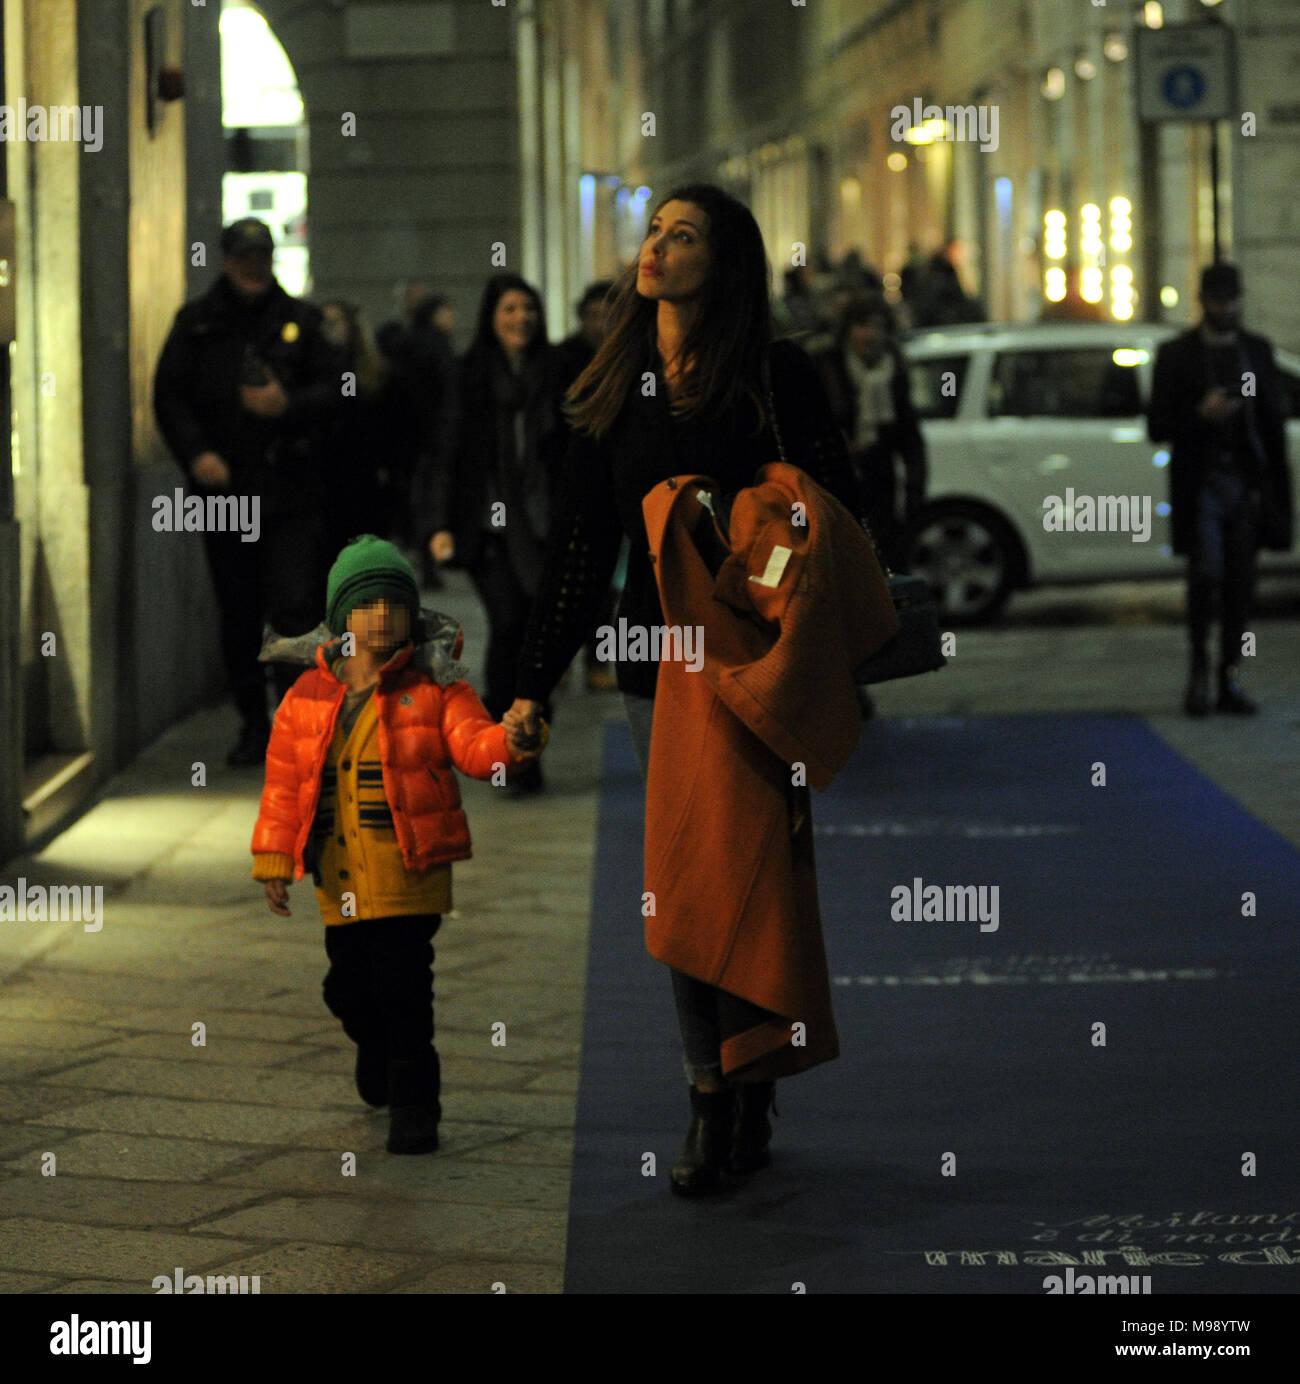 Belen Rodriguez Va De Compras En Saint Laurent Con Novia Andrea Iannone Y Su Hijo Tambien